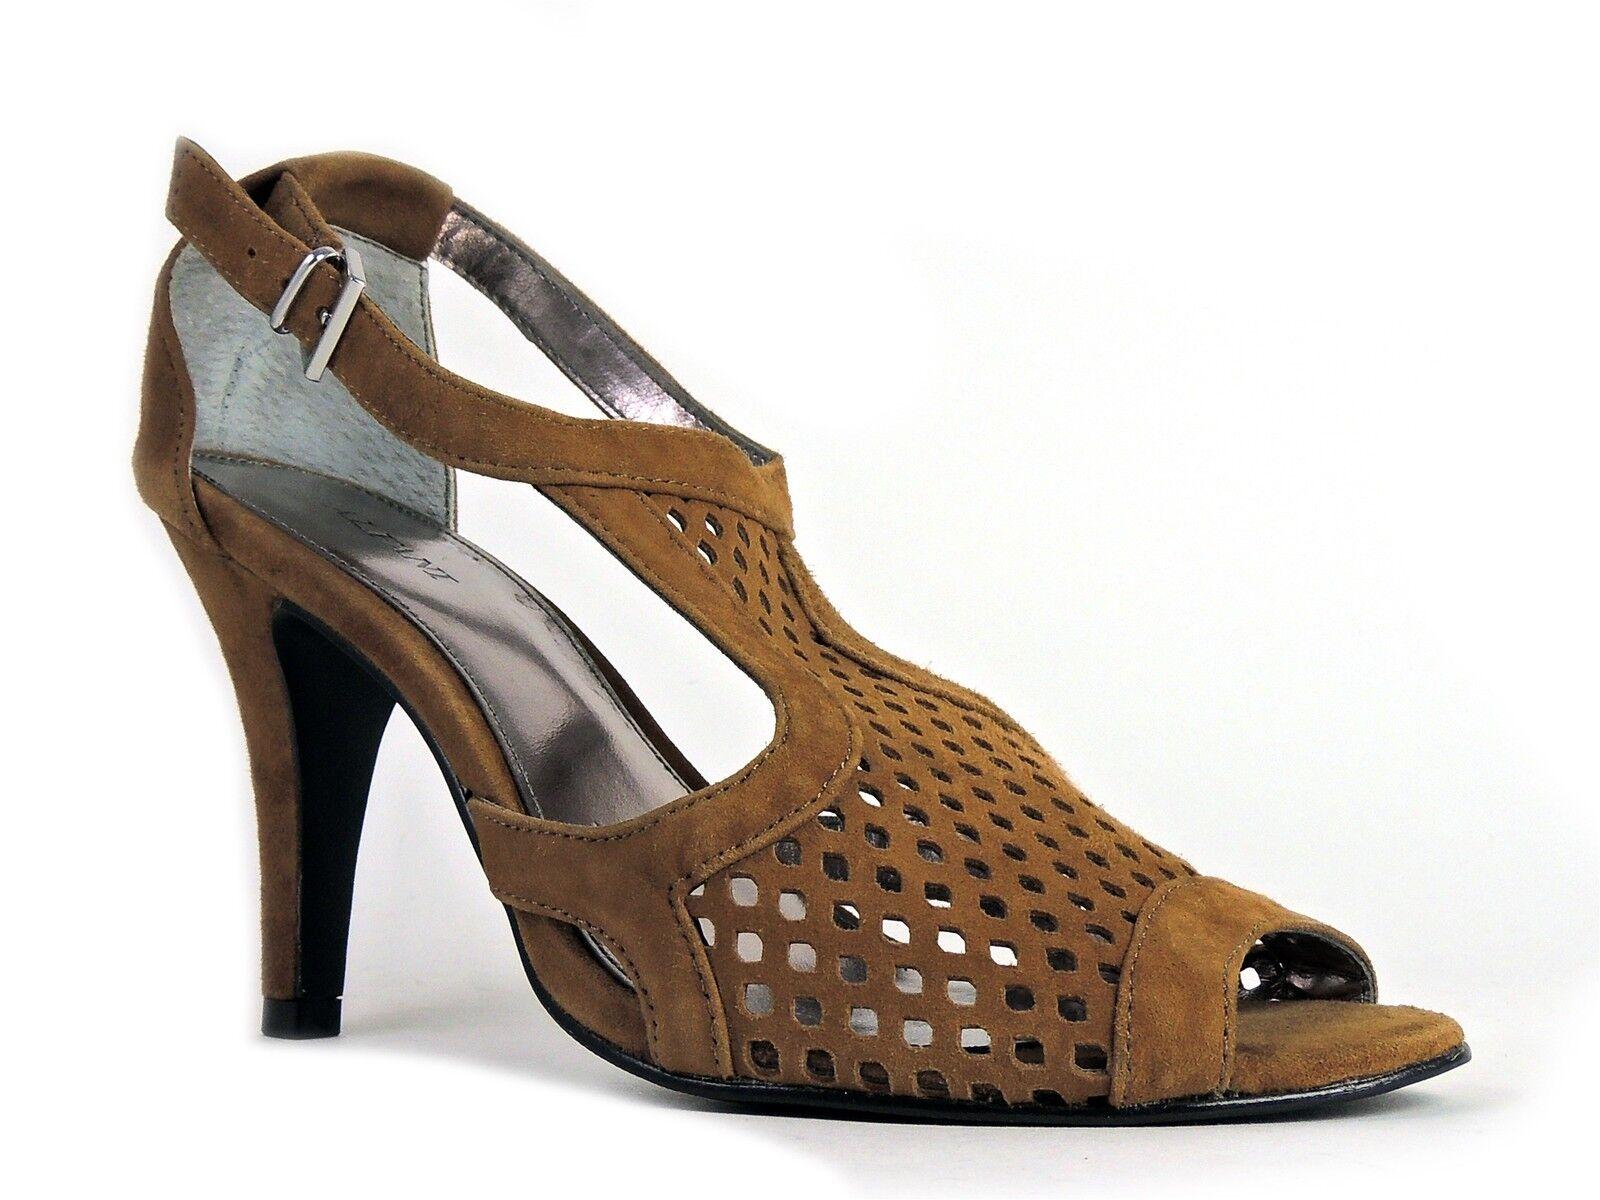 Alfani Women's Elyssa T-Strap Sandals Brown Leather Size 8.5 M